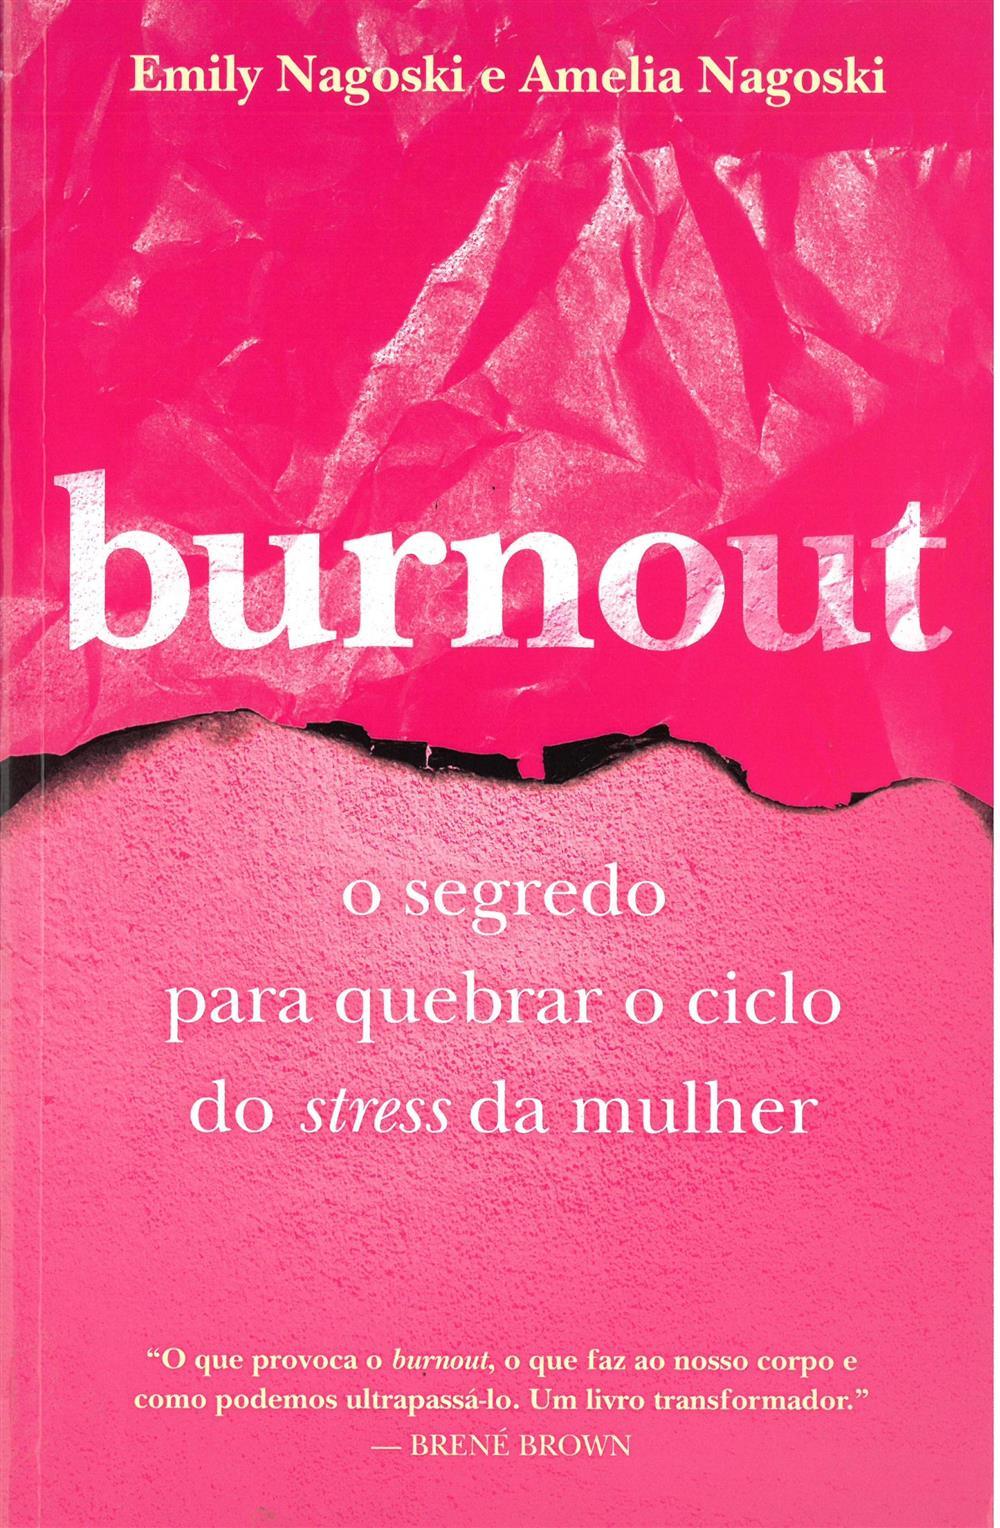 NAGOSKI, Emily (2021). Burnout : o segredo para desbloquear o ciclo do stress da mulher.jpg